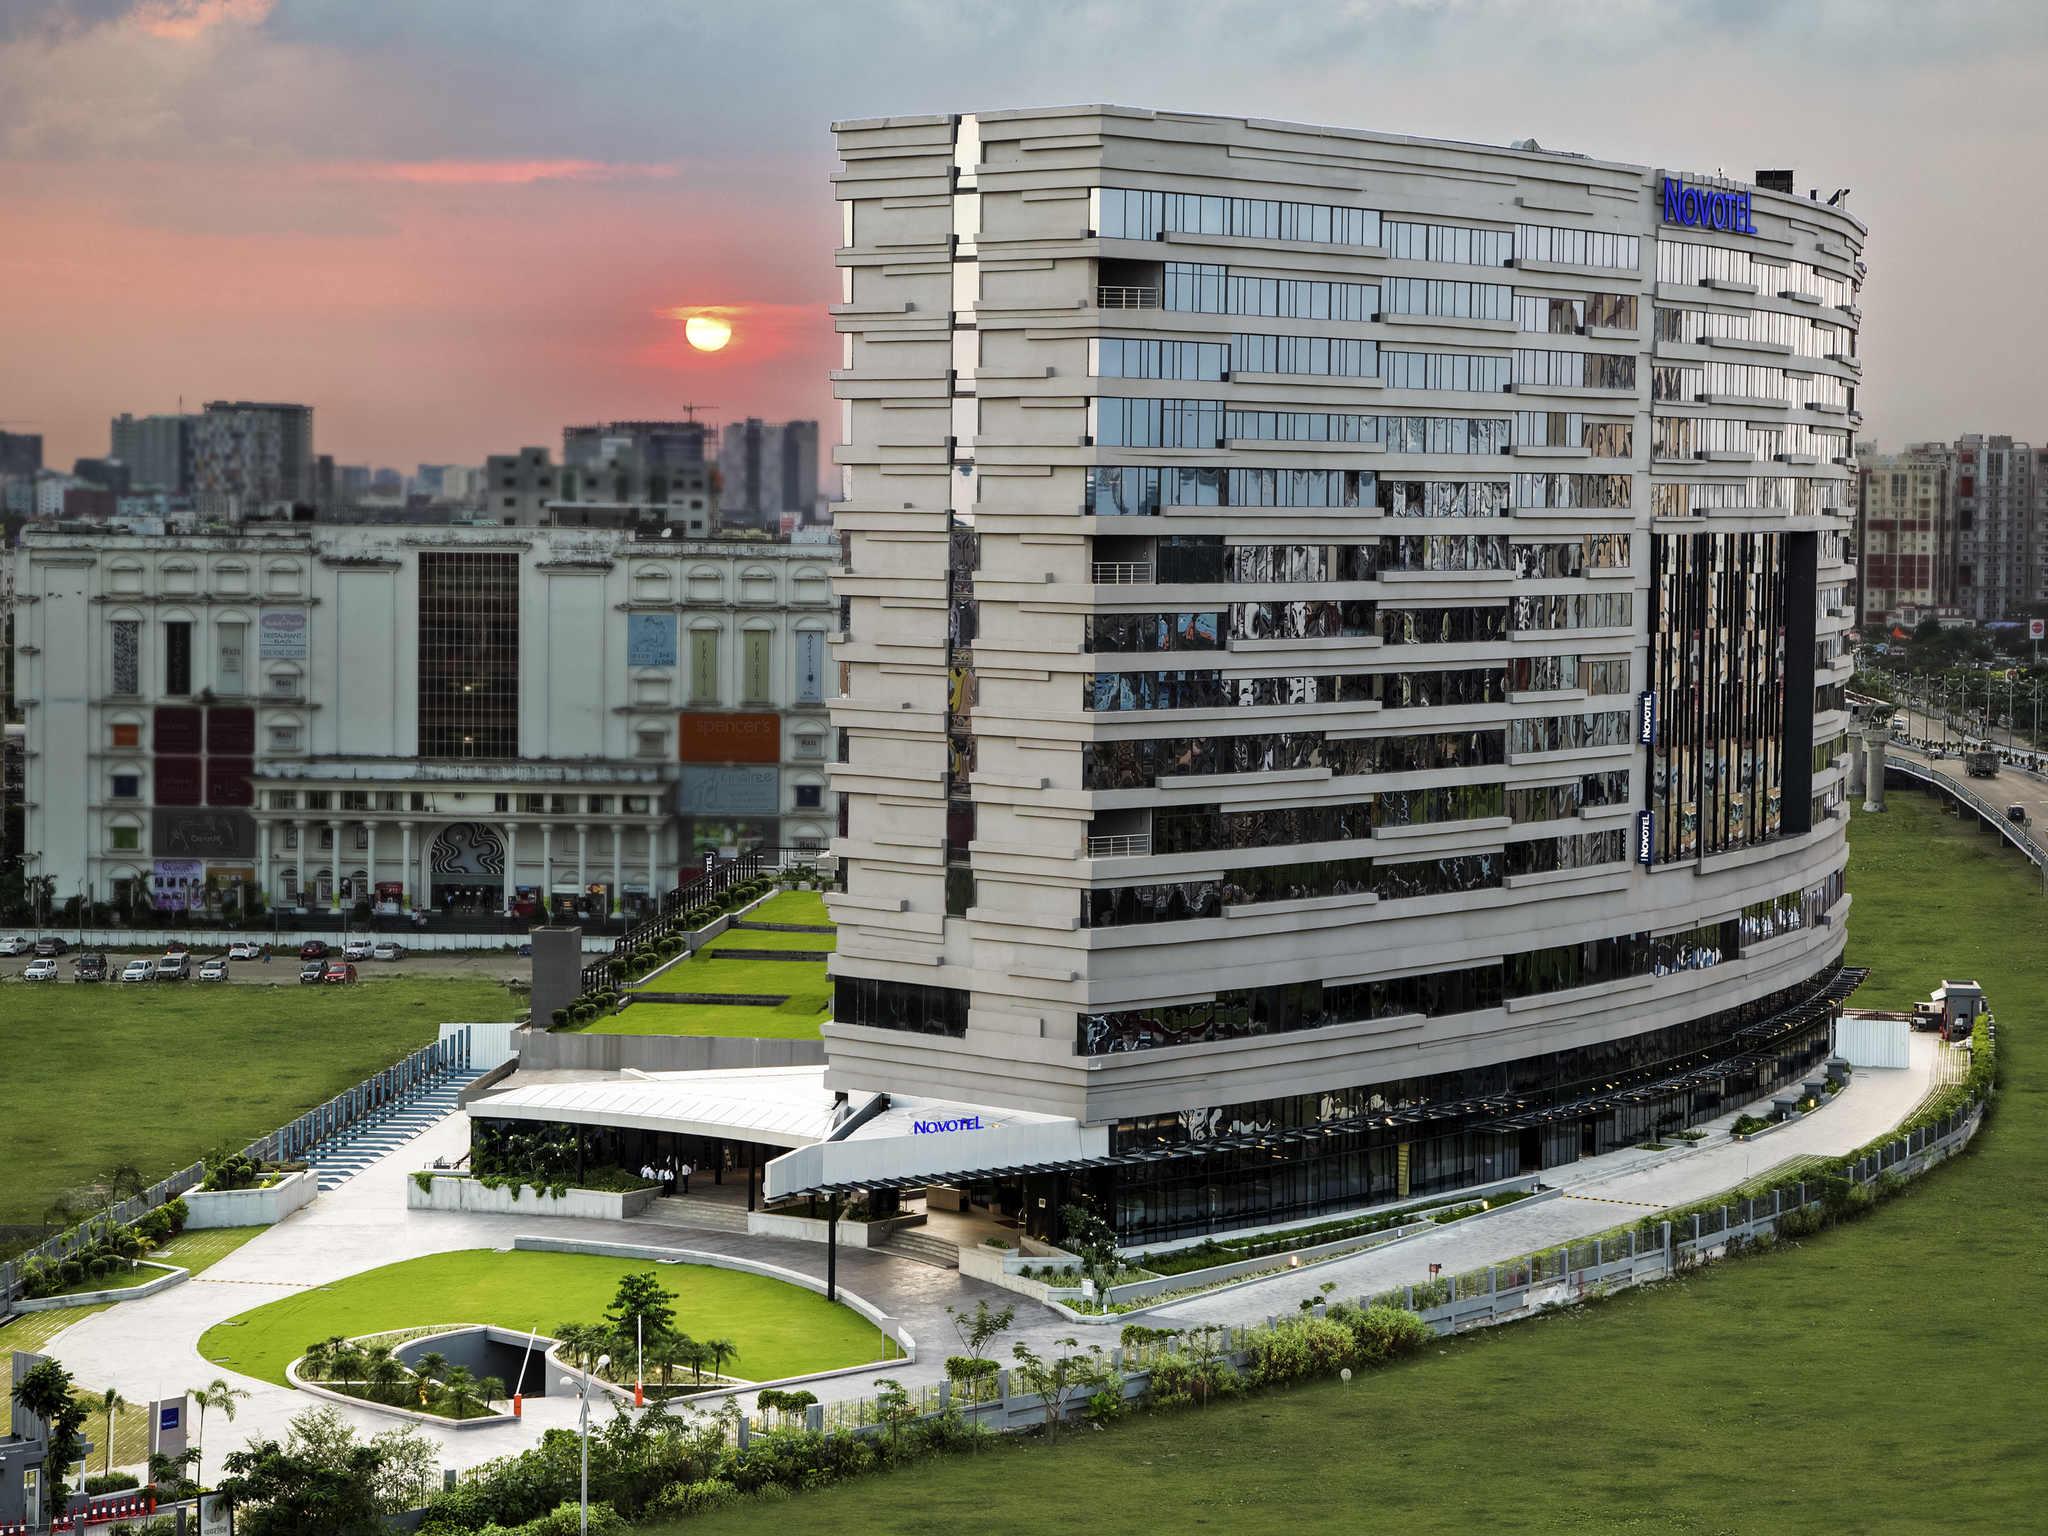 Otel – Novotel Kolkata - Hotel & Residences